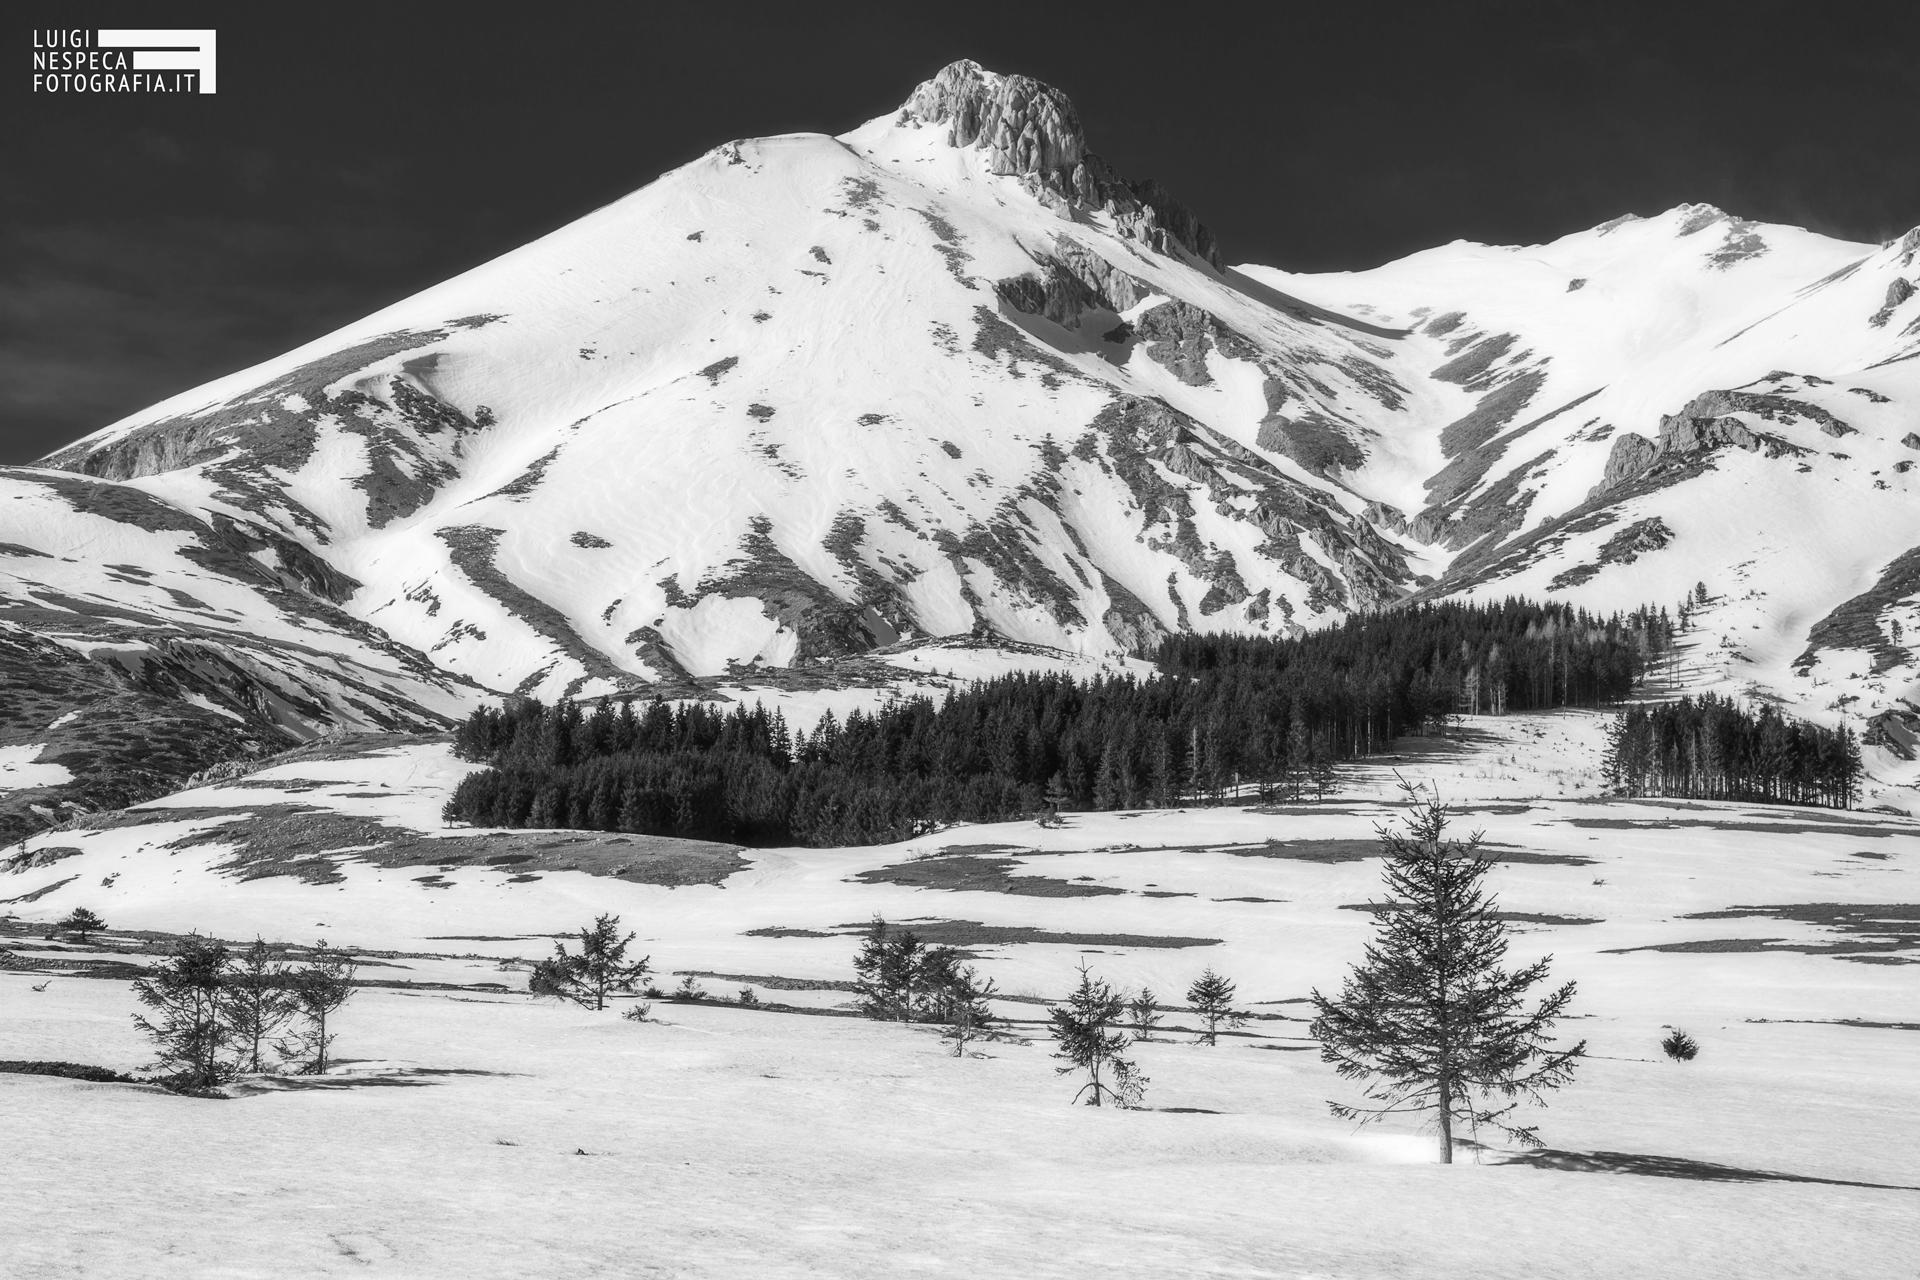 09 - Il Monte Camicia in località Fonte Vetica - Campo Imperatore